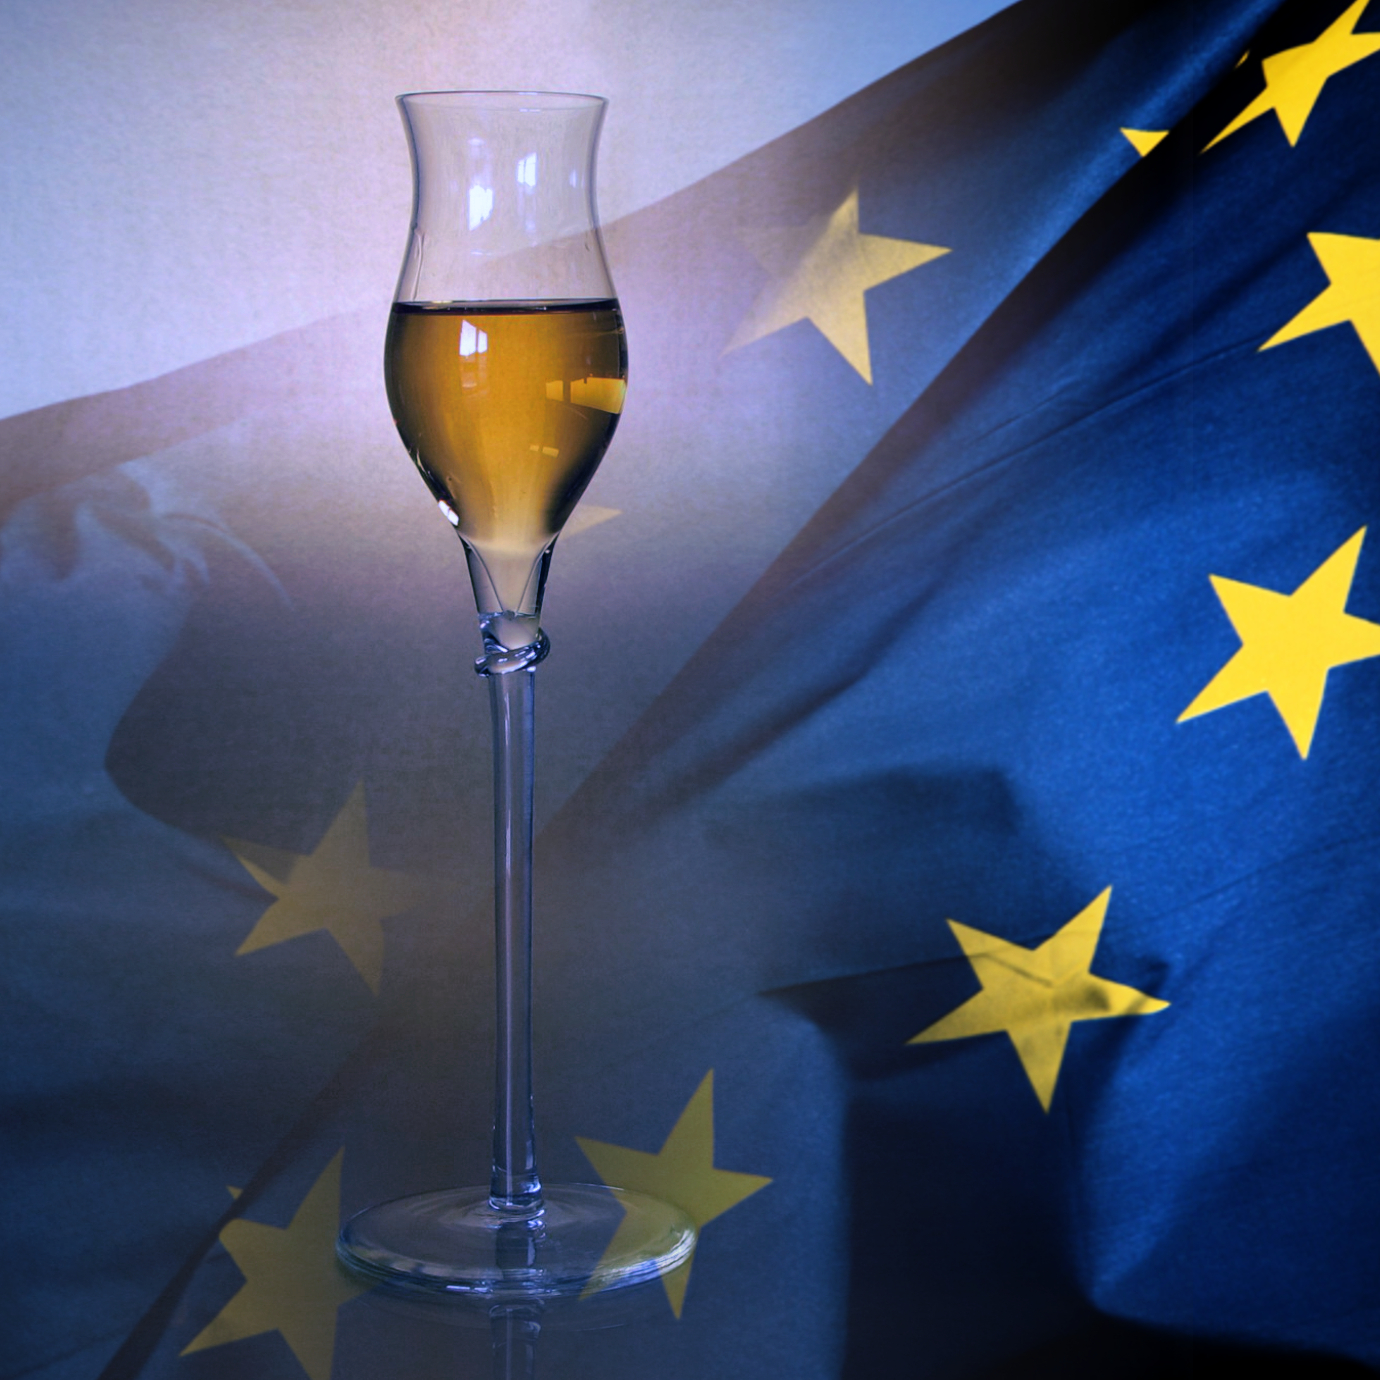 European regulation on spirit drinks published